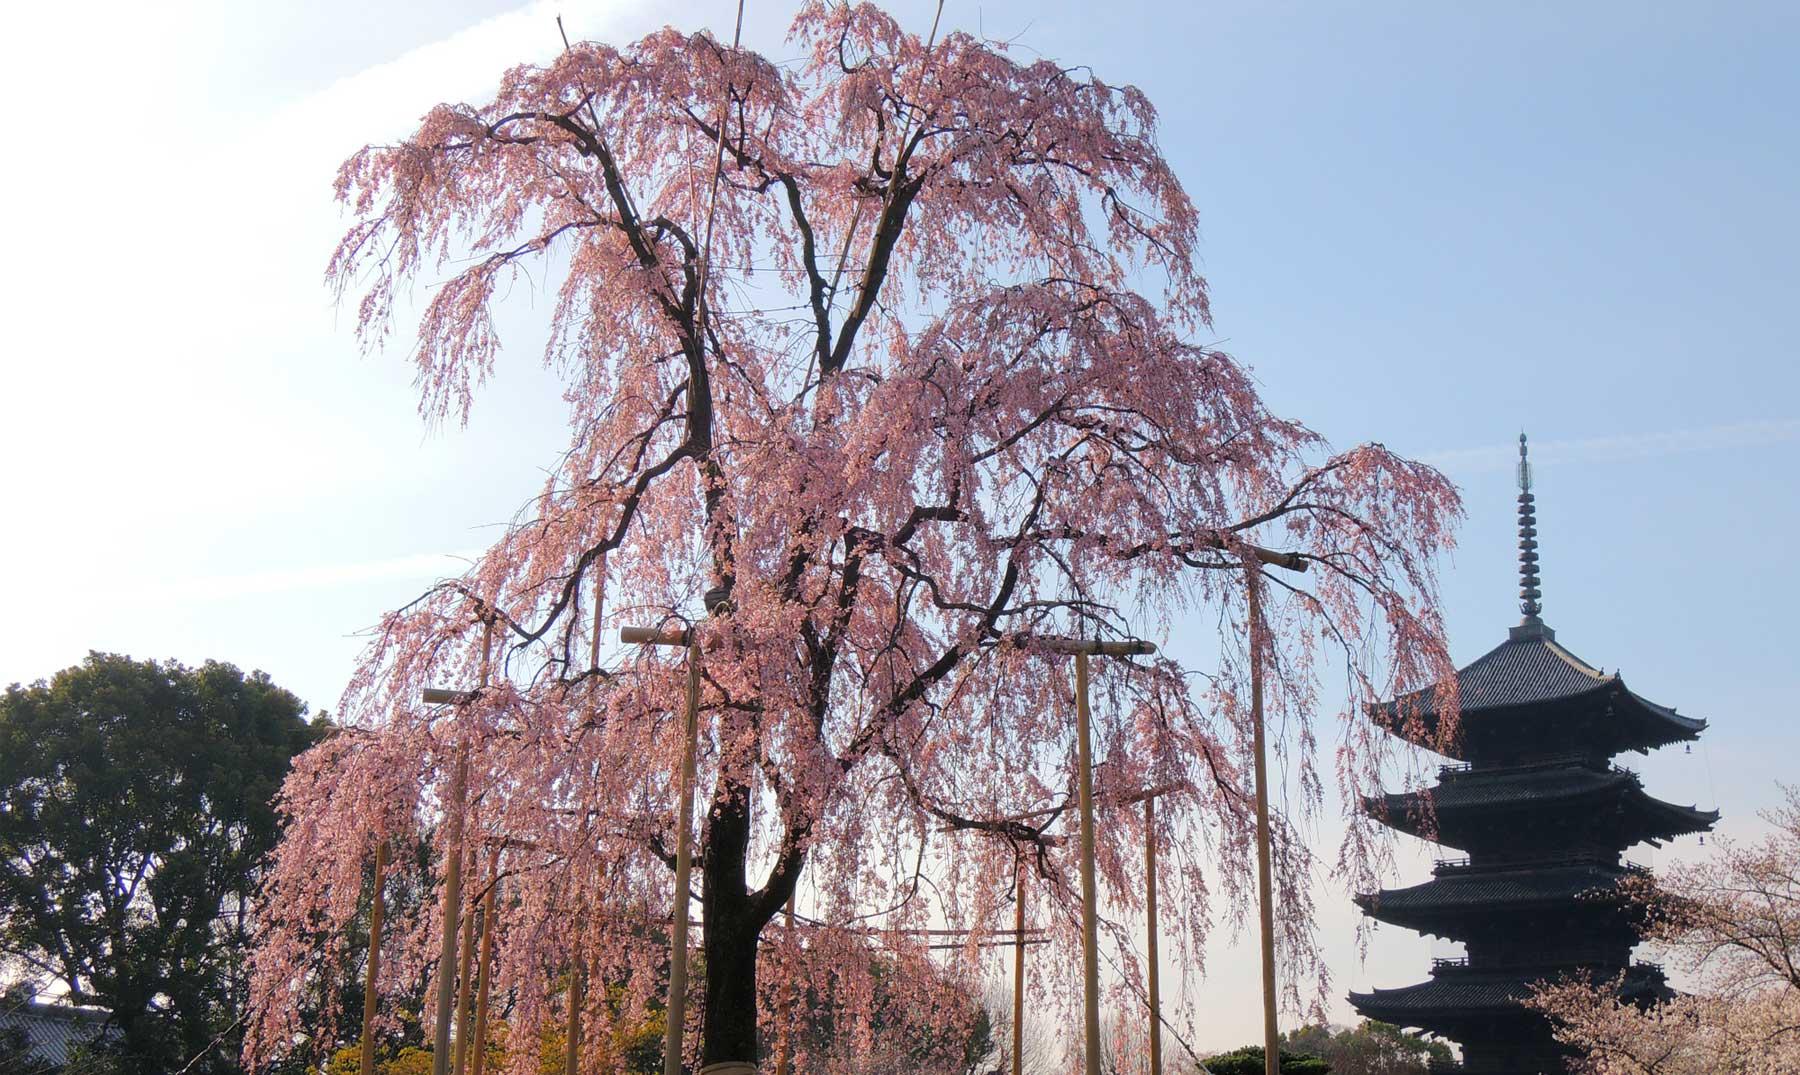 Sakura, la flor del cerezo y su simbología